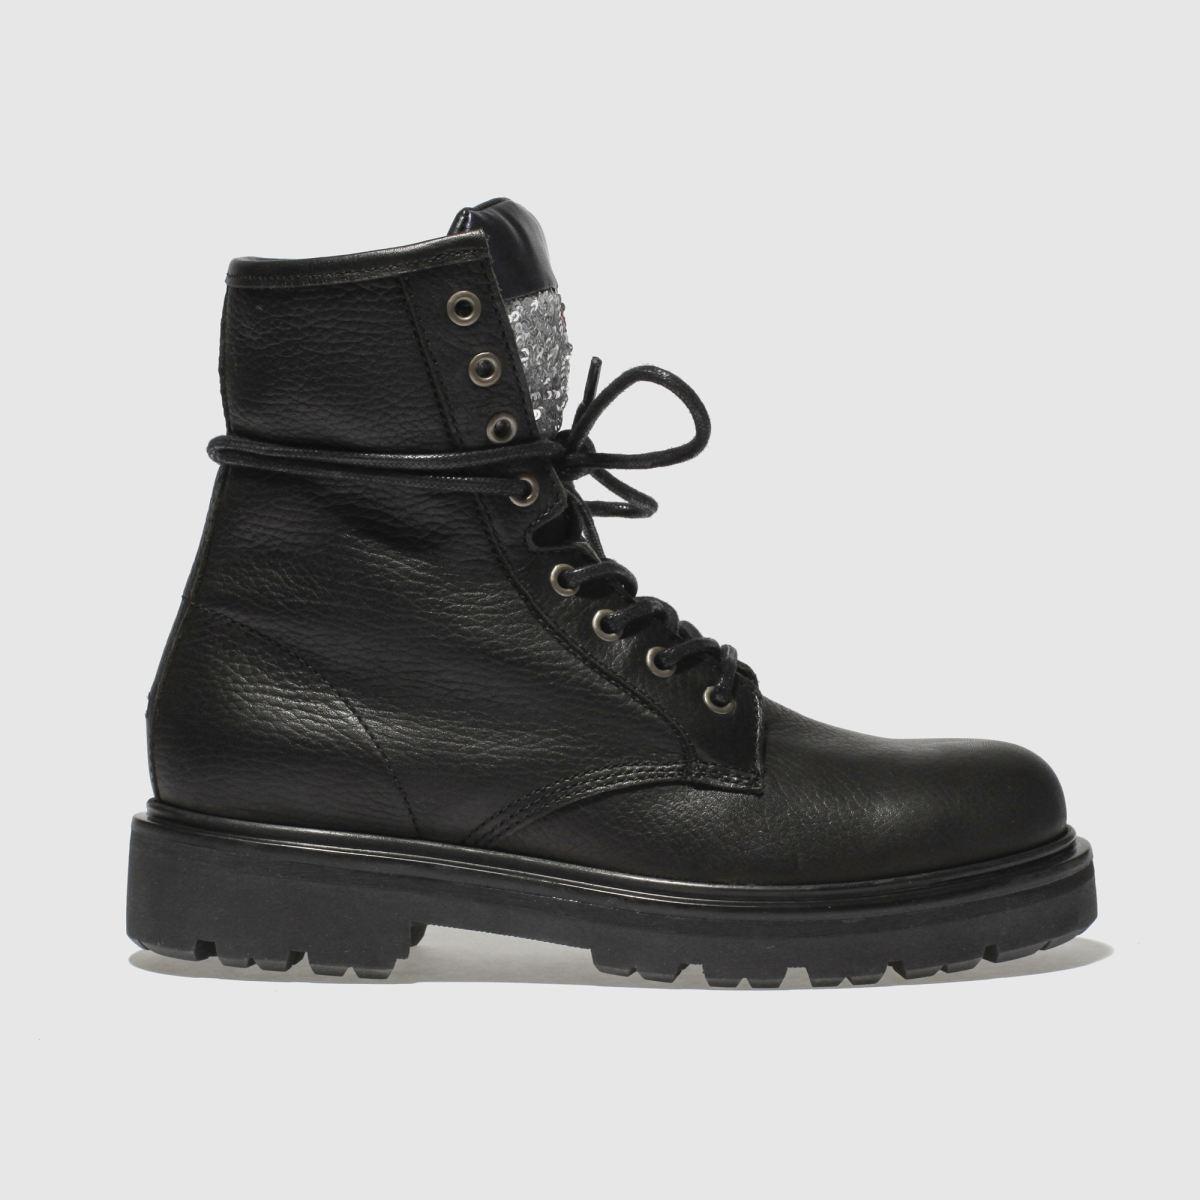 Tommy Hilfiger Black Big Flag Sparkle Boots